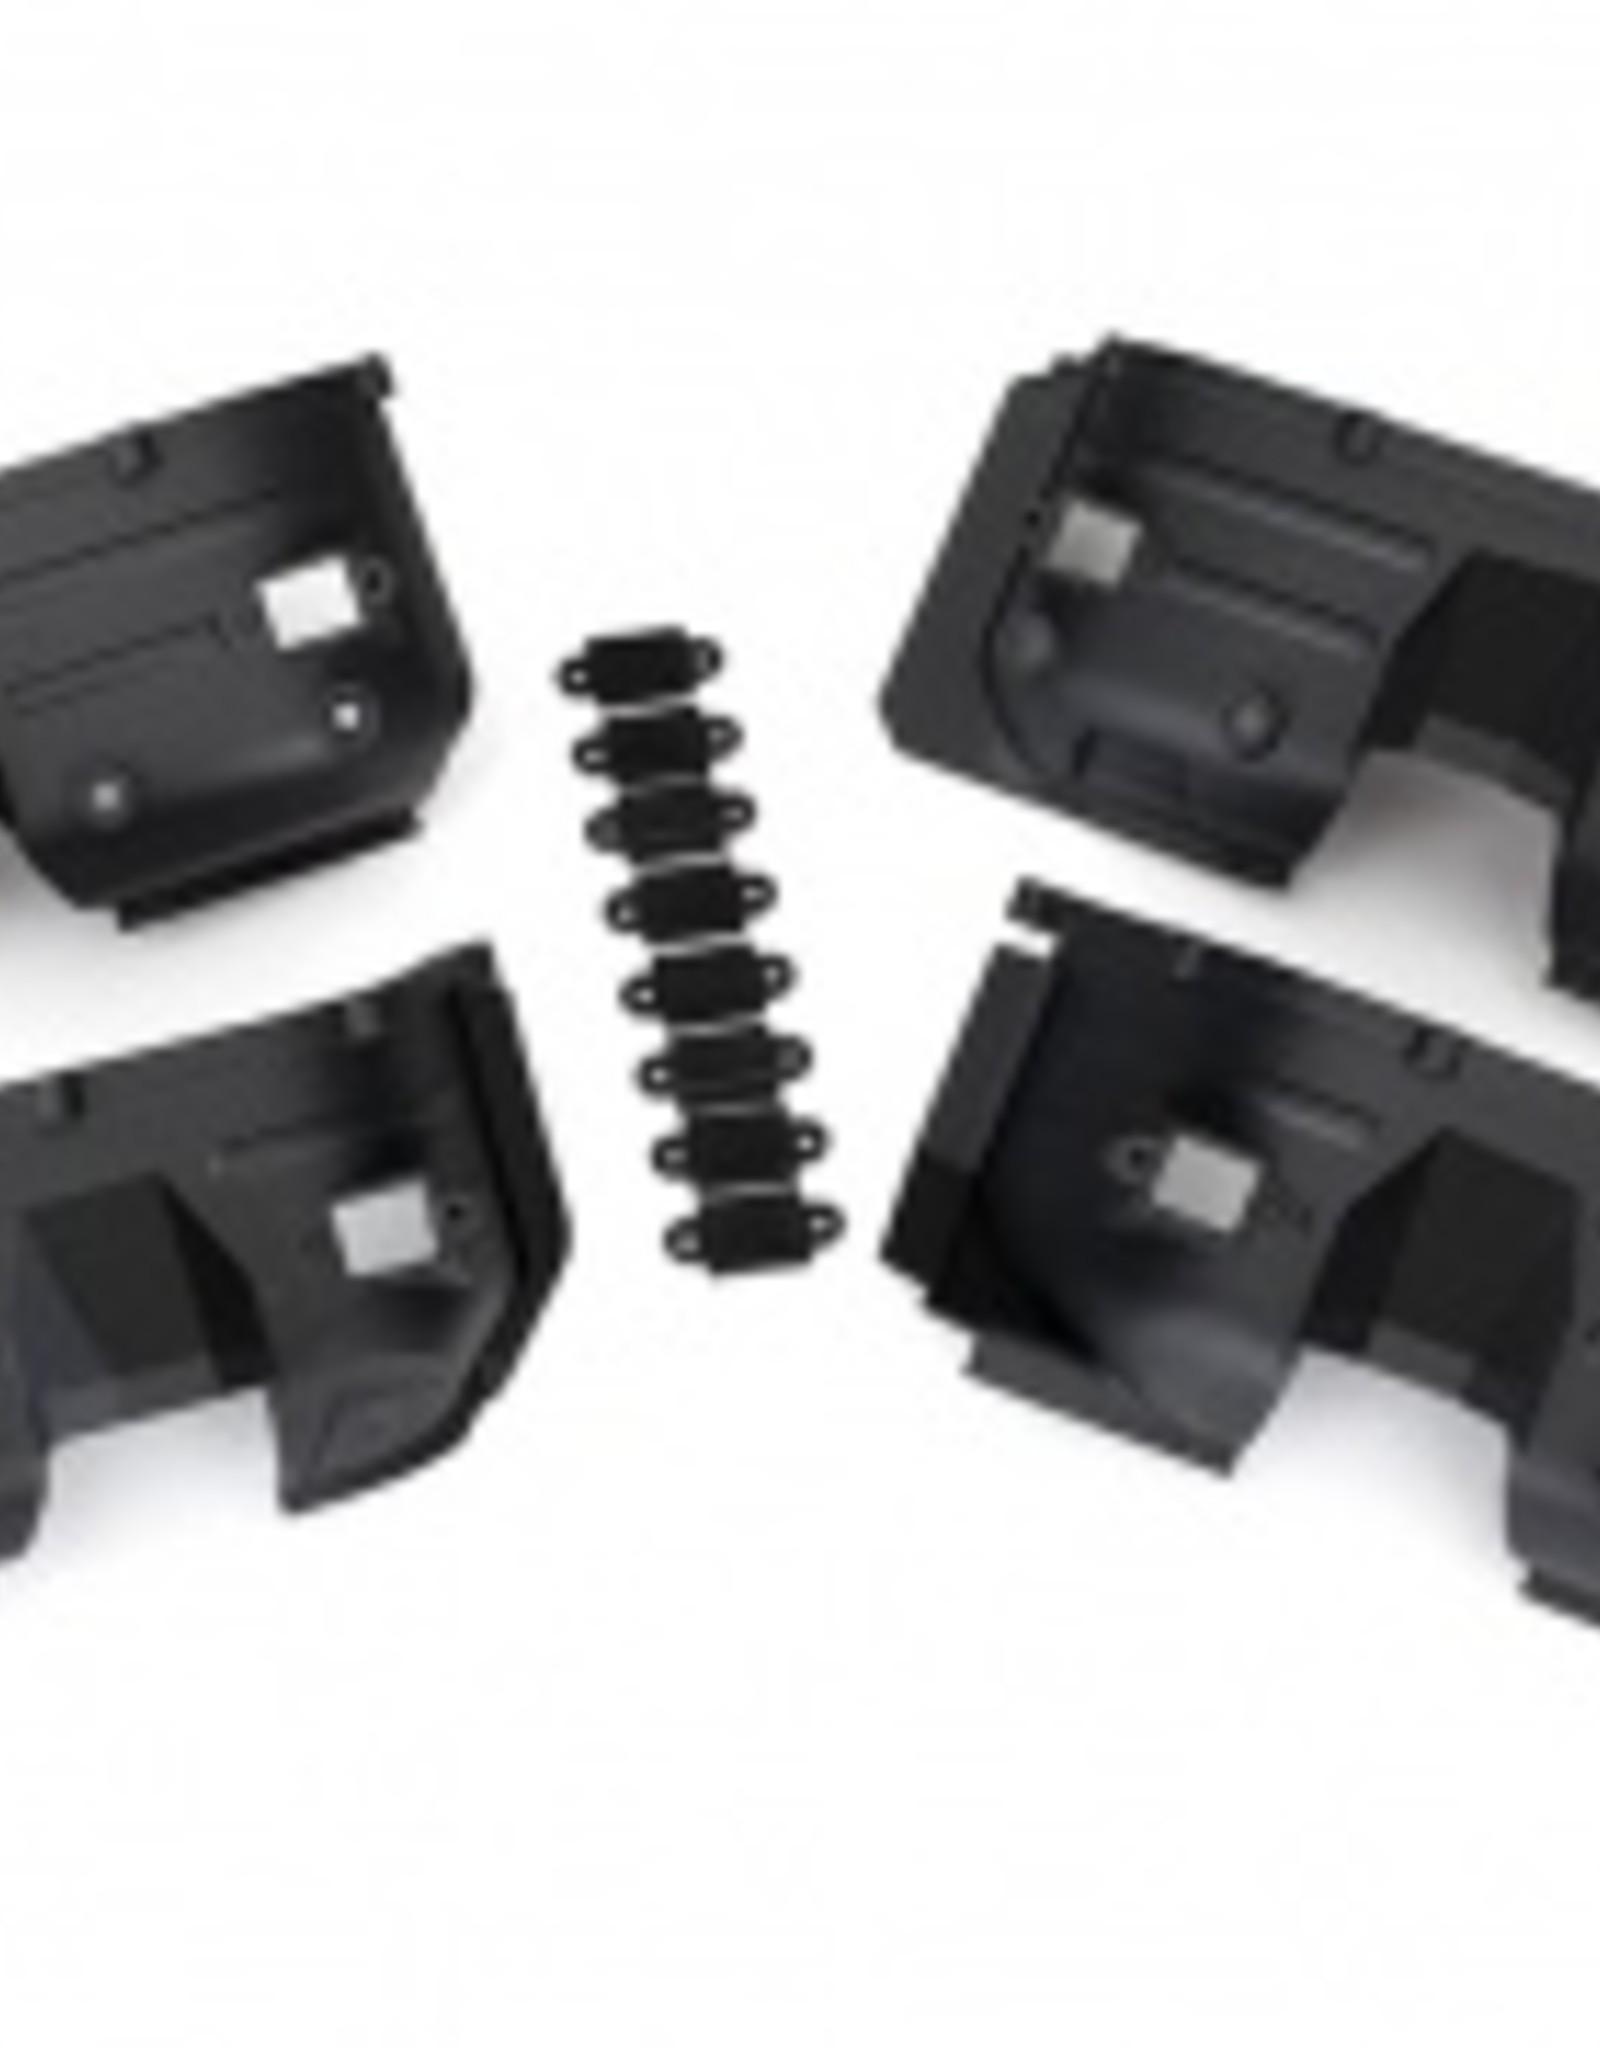 Traxxas Traxxas TRX Fenders, inner, front & rear (2 each)/ rock light covers (8)